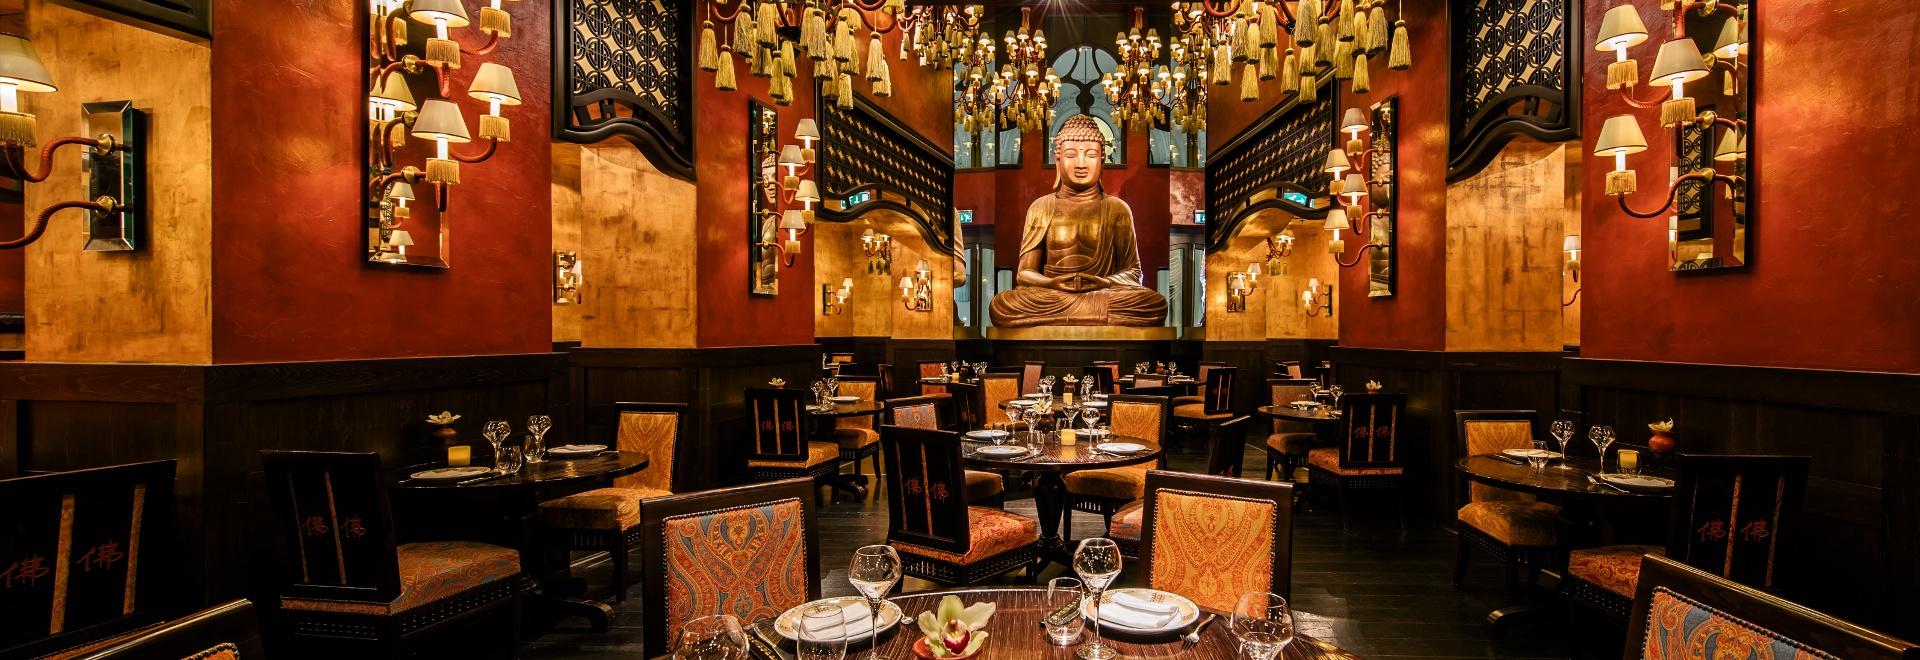 Buddha-Bar Restaurant - VR 360 TOUR